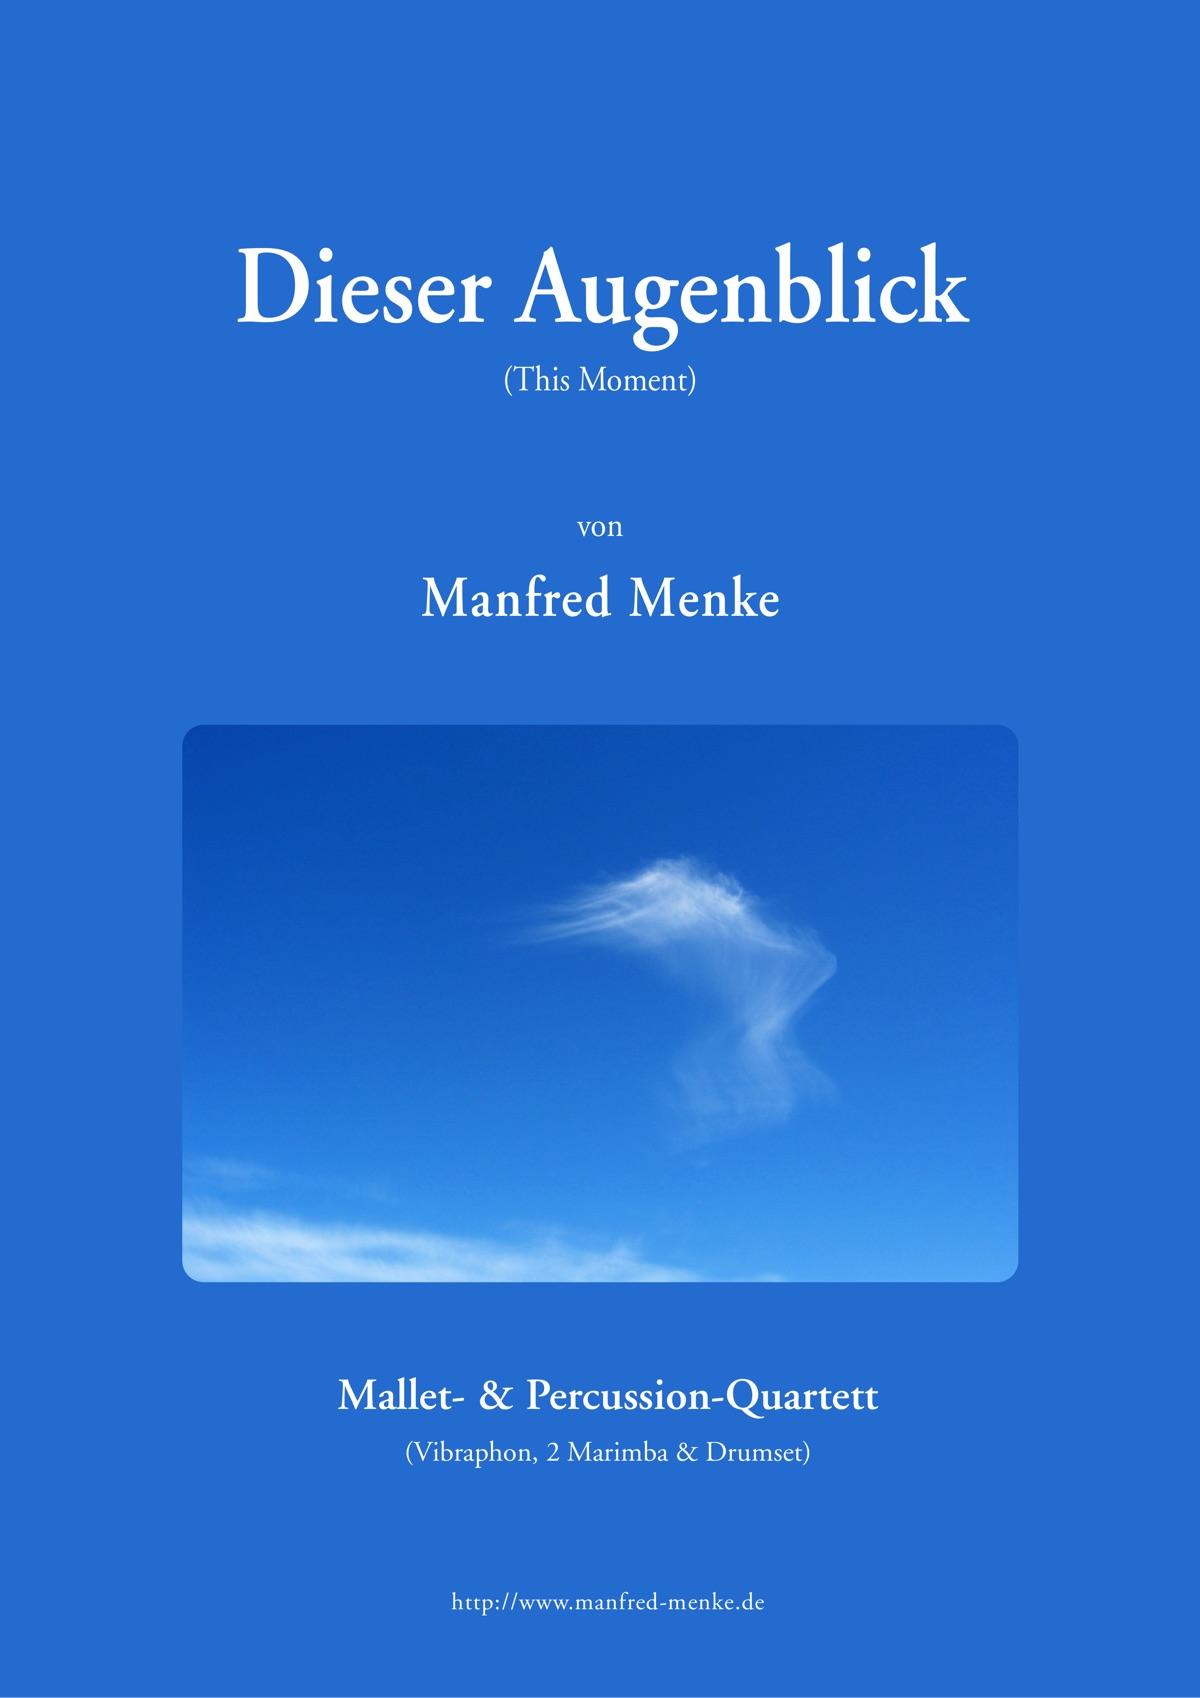 Dieser Augenblick von Manfred Menke